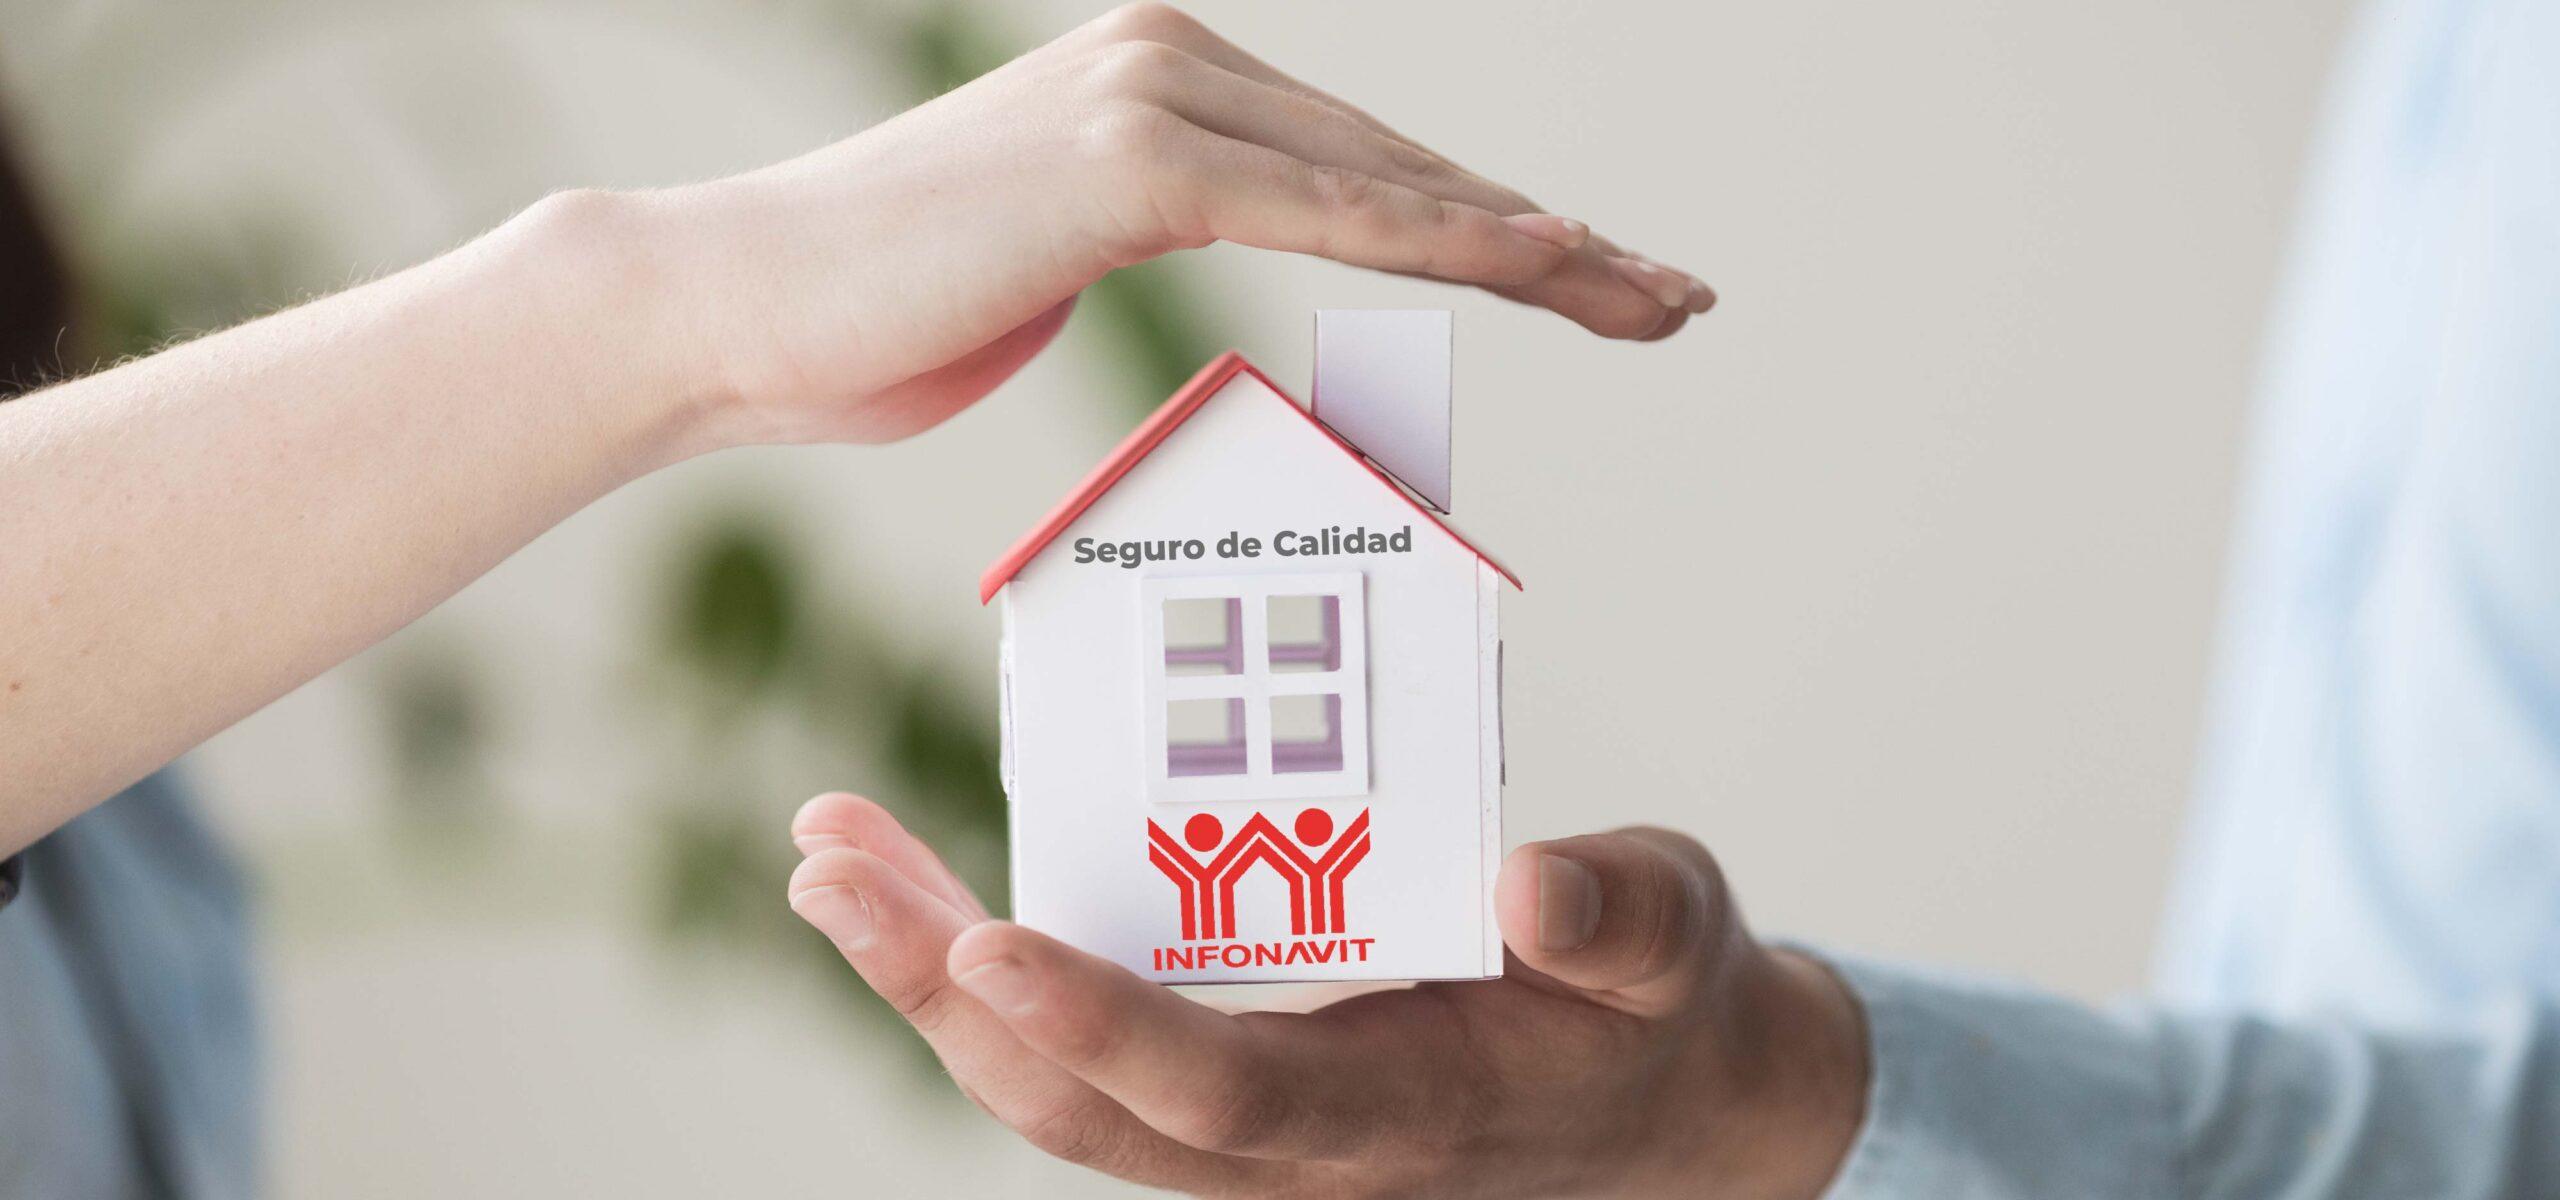 SEGURO DE CALIDAD INFONAVIT- HOGARES HERSO-BLOG_Mesa de trabajo 1